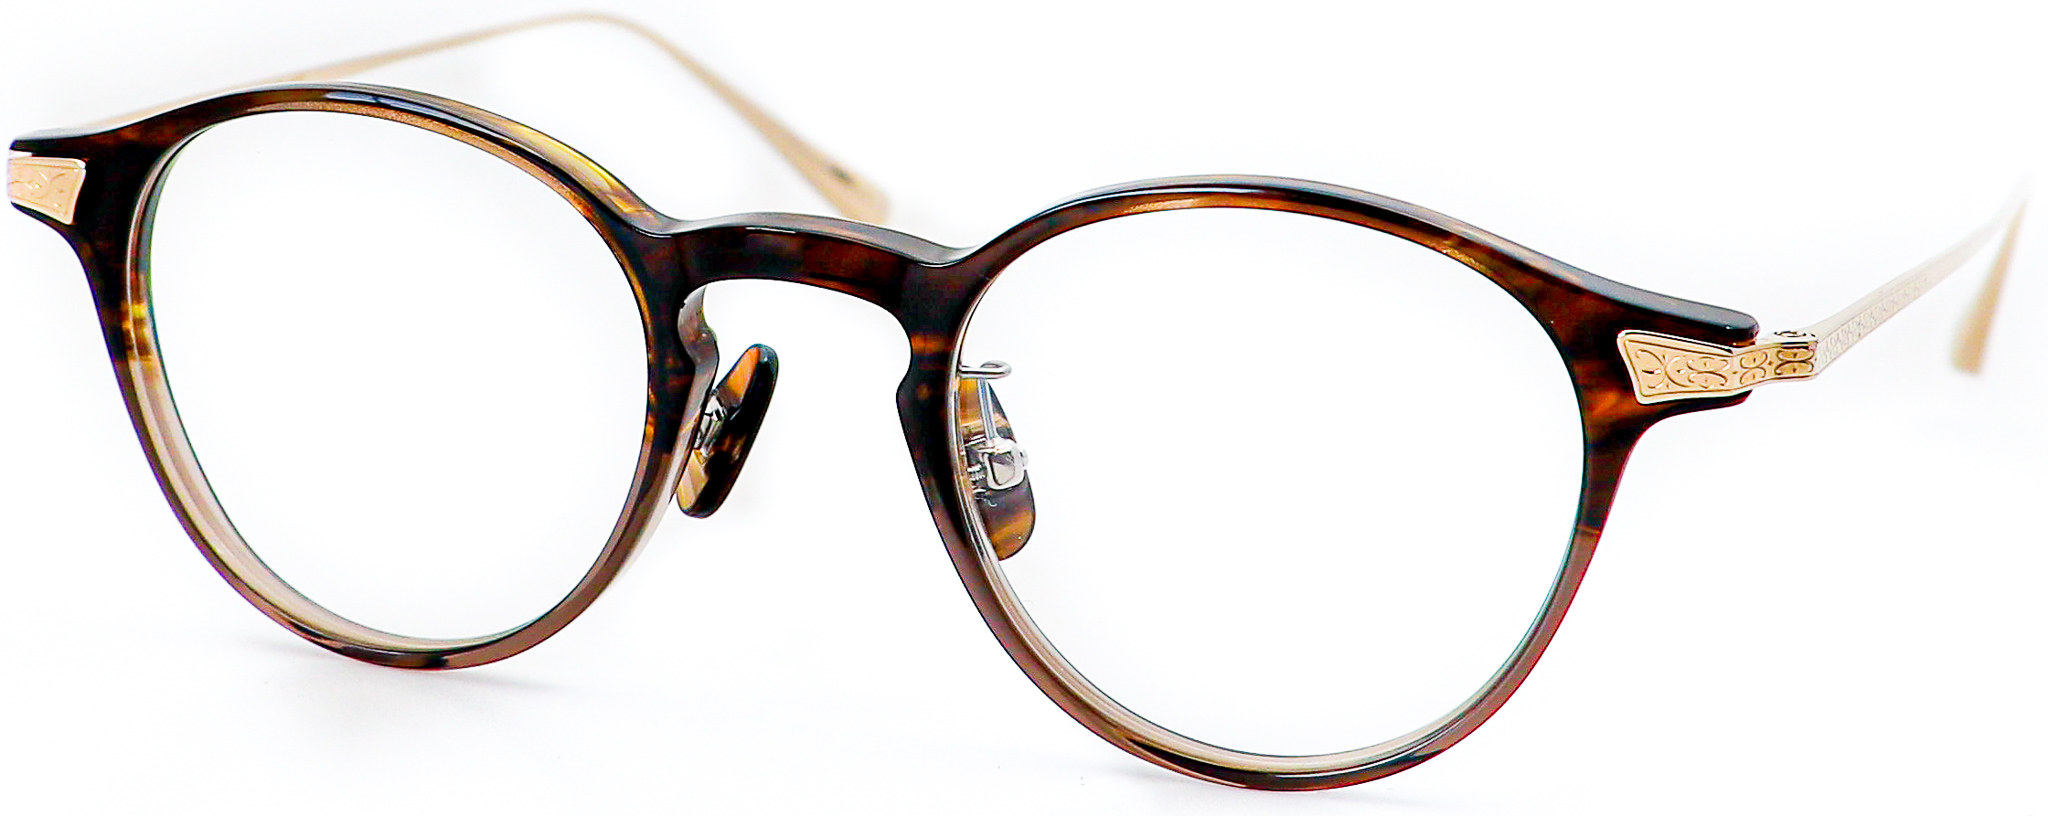 眼鏡のカラータイプC-4 Dark.Brown-Gray/Gold